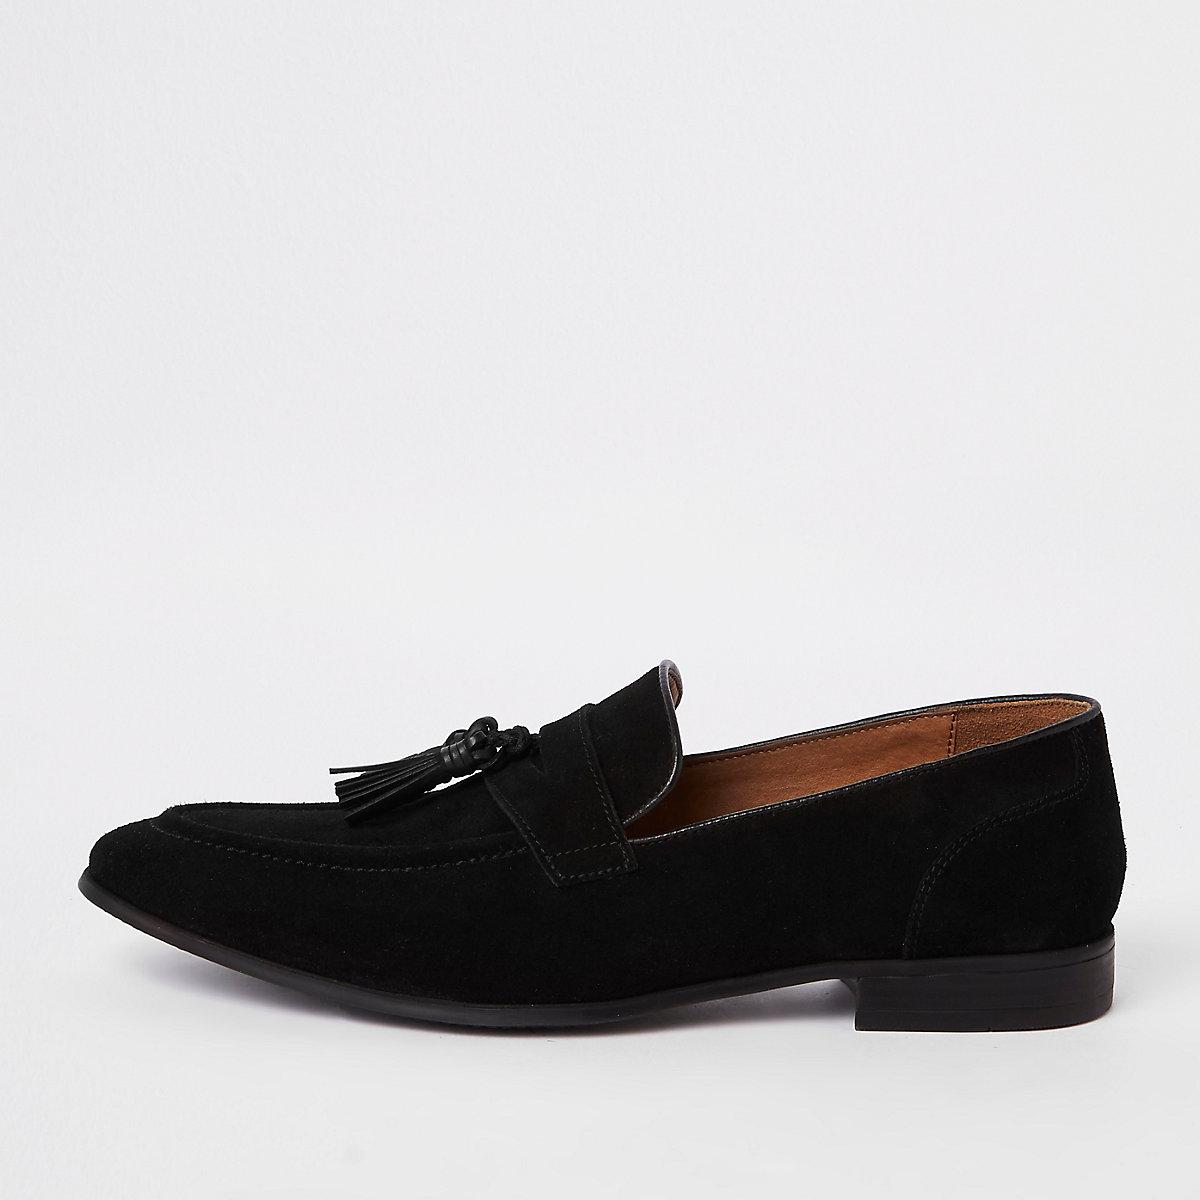 Black suede pointed tassel loafer